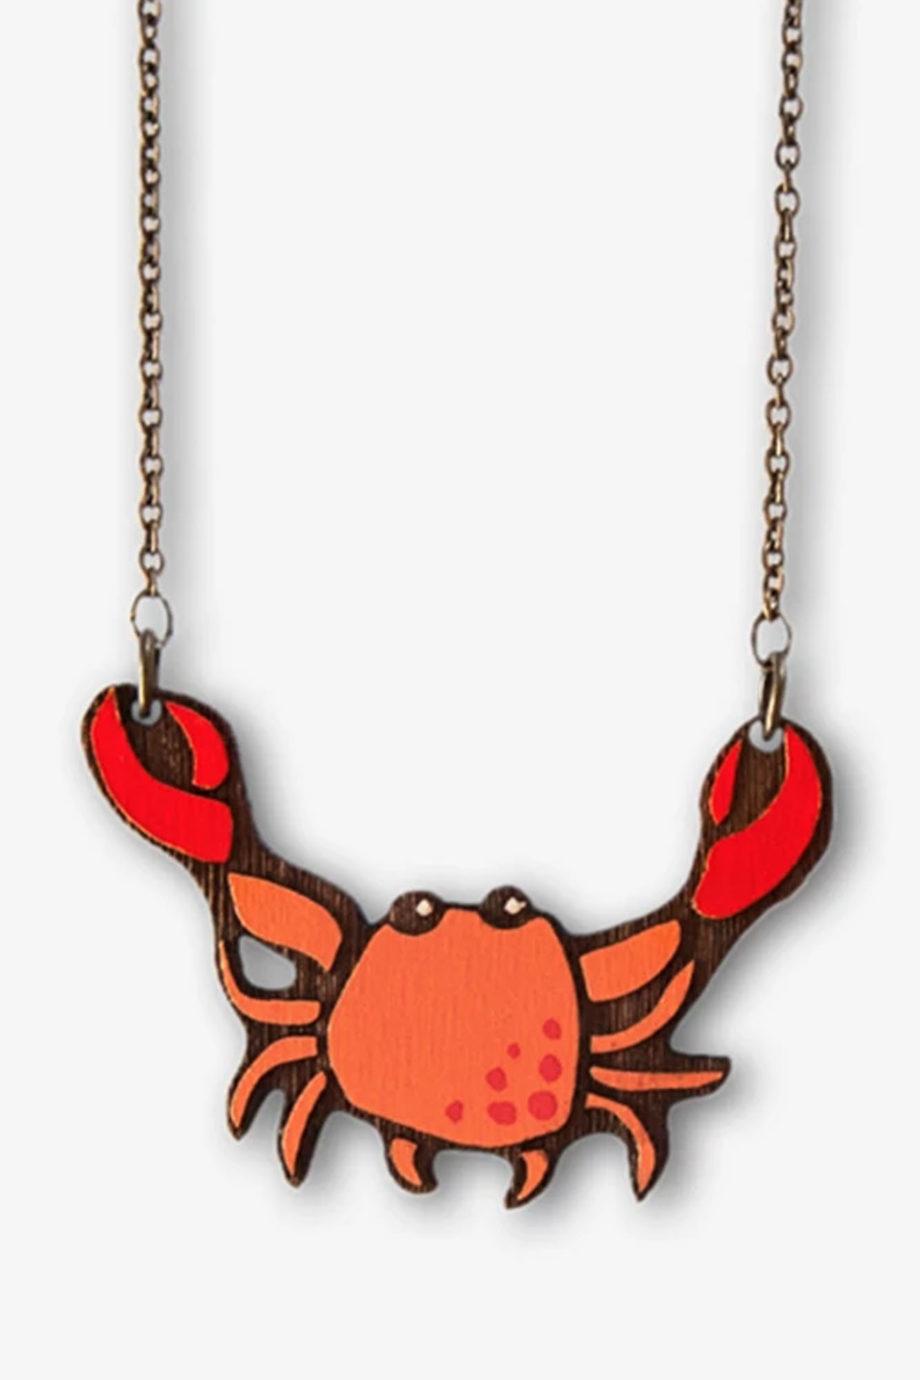 materia-rica-collar-mr-crab